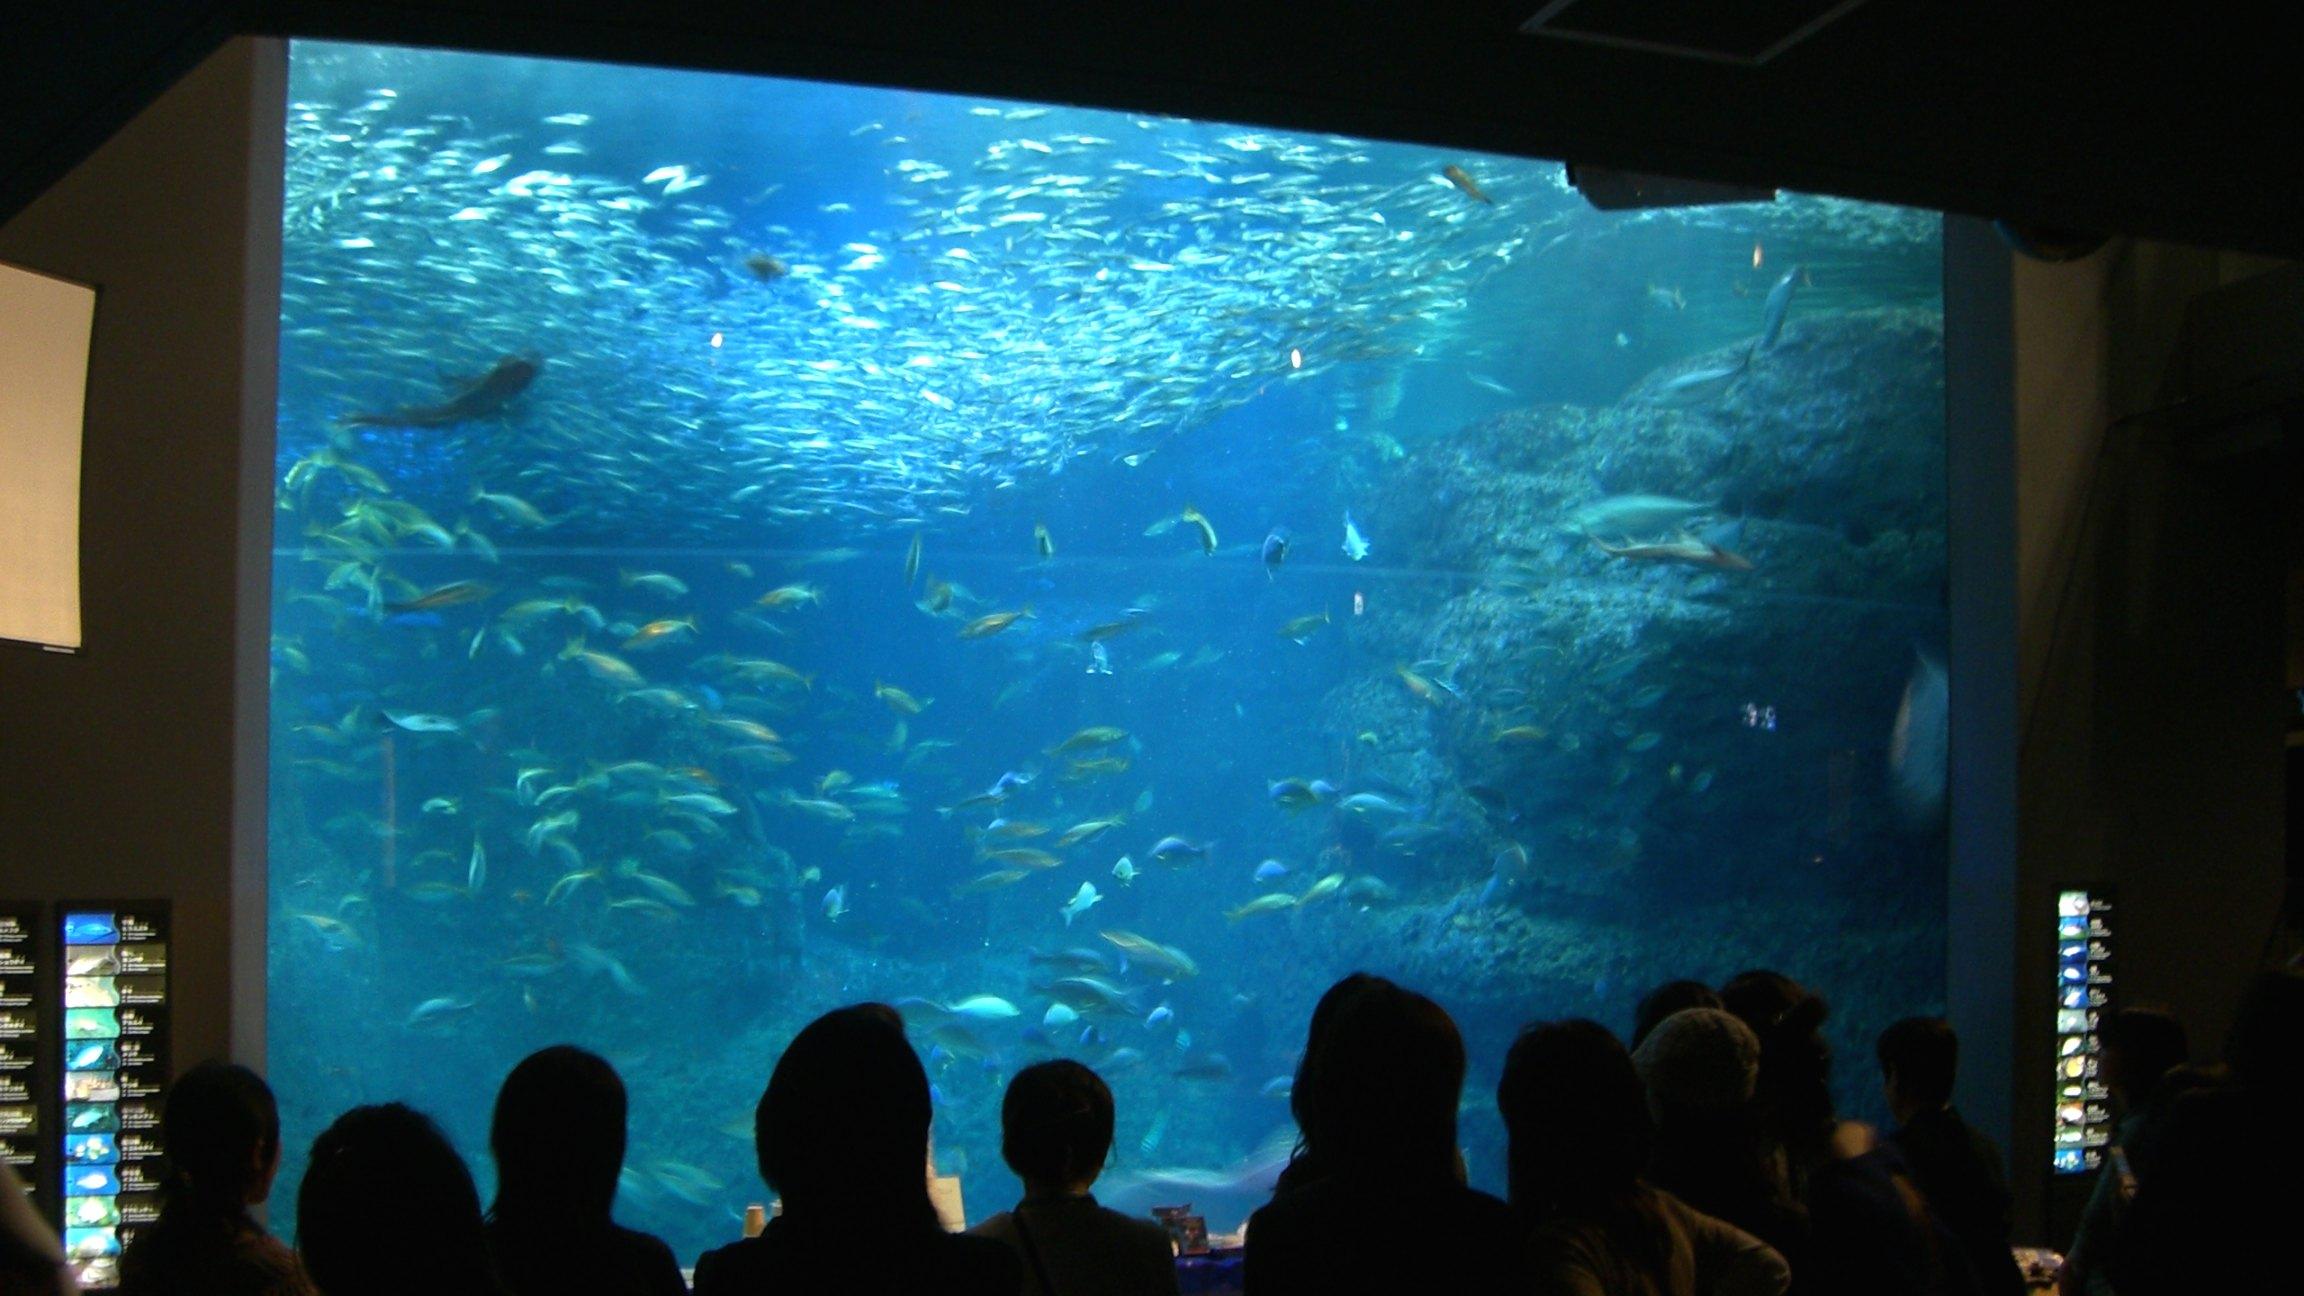 江ノ島水族館でのワークショップ運営をサポート!